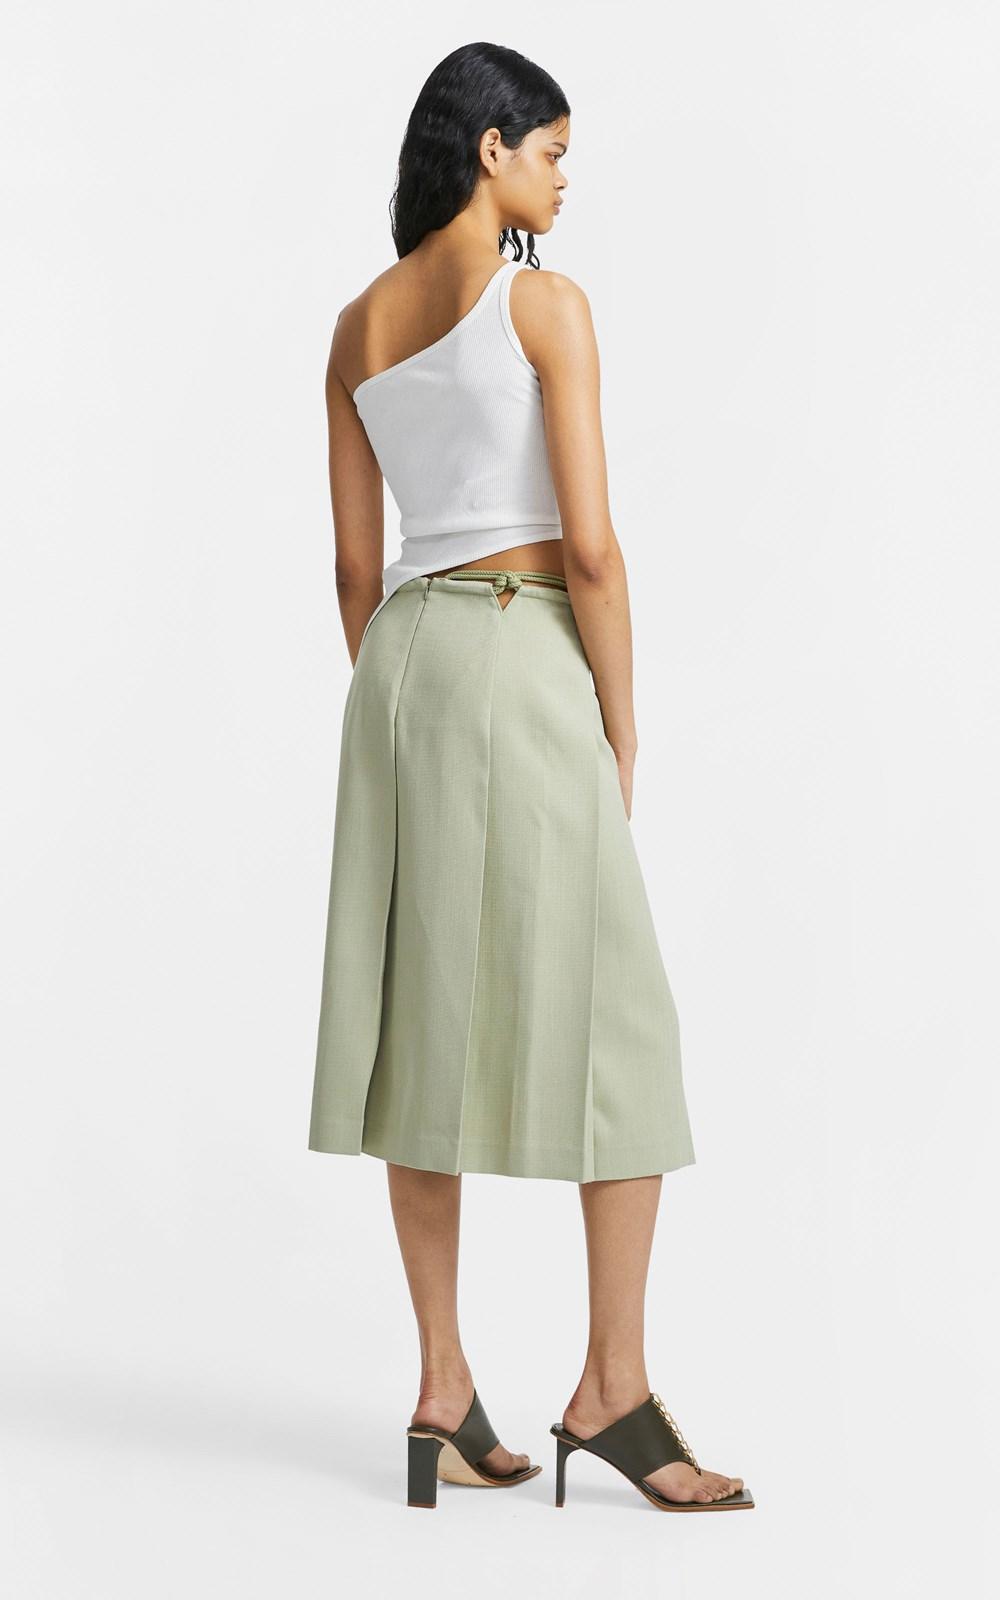 Skirts | MACRAME SPLIT SKIRT